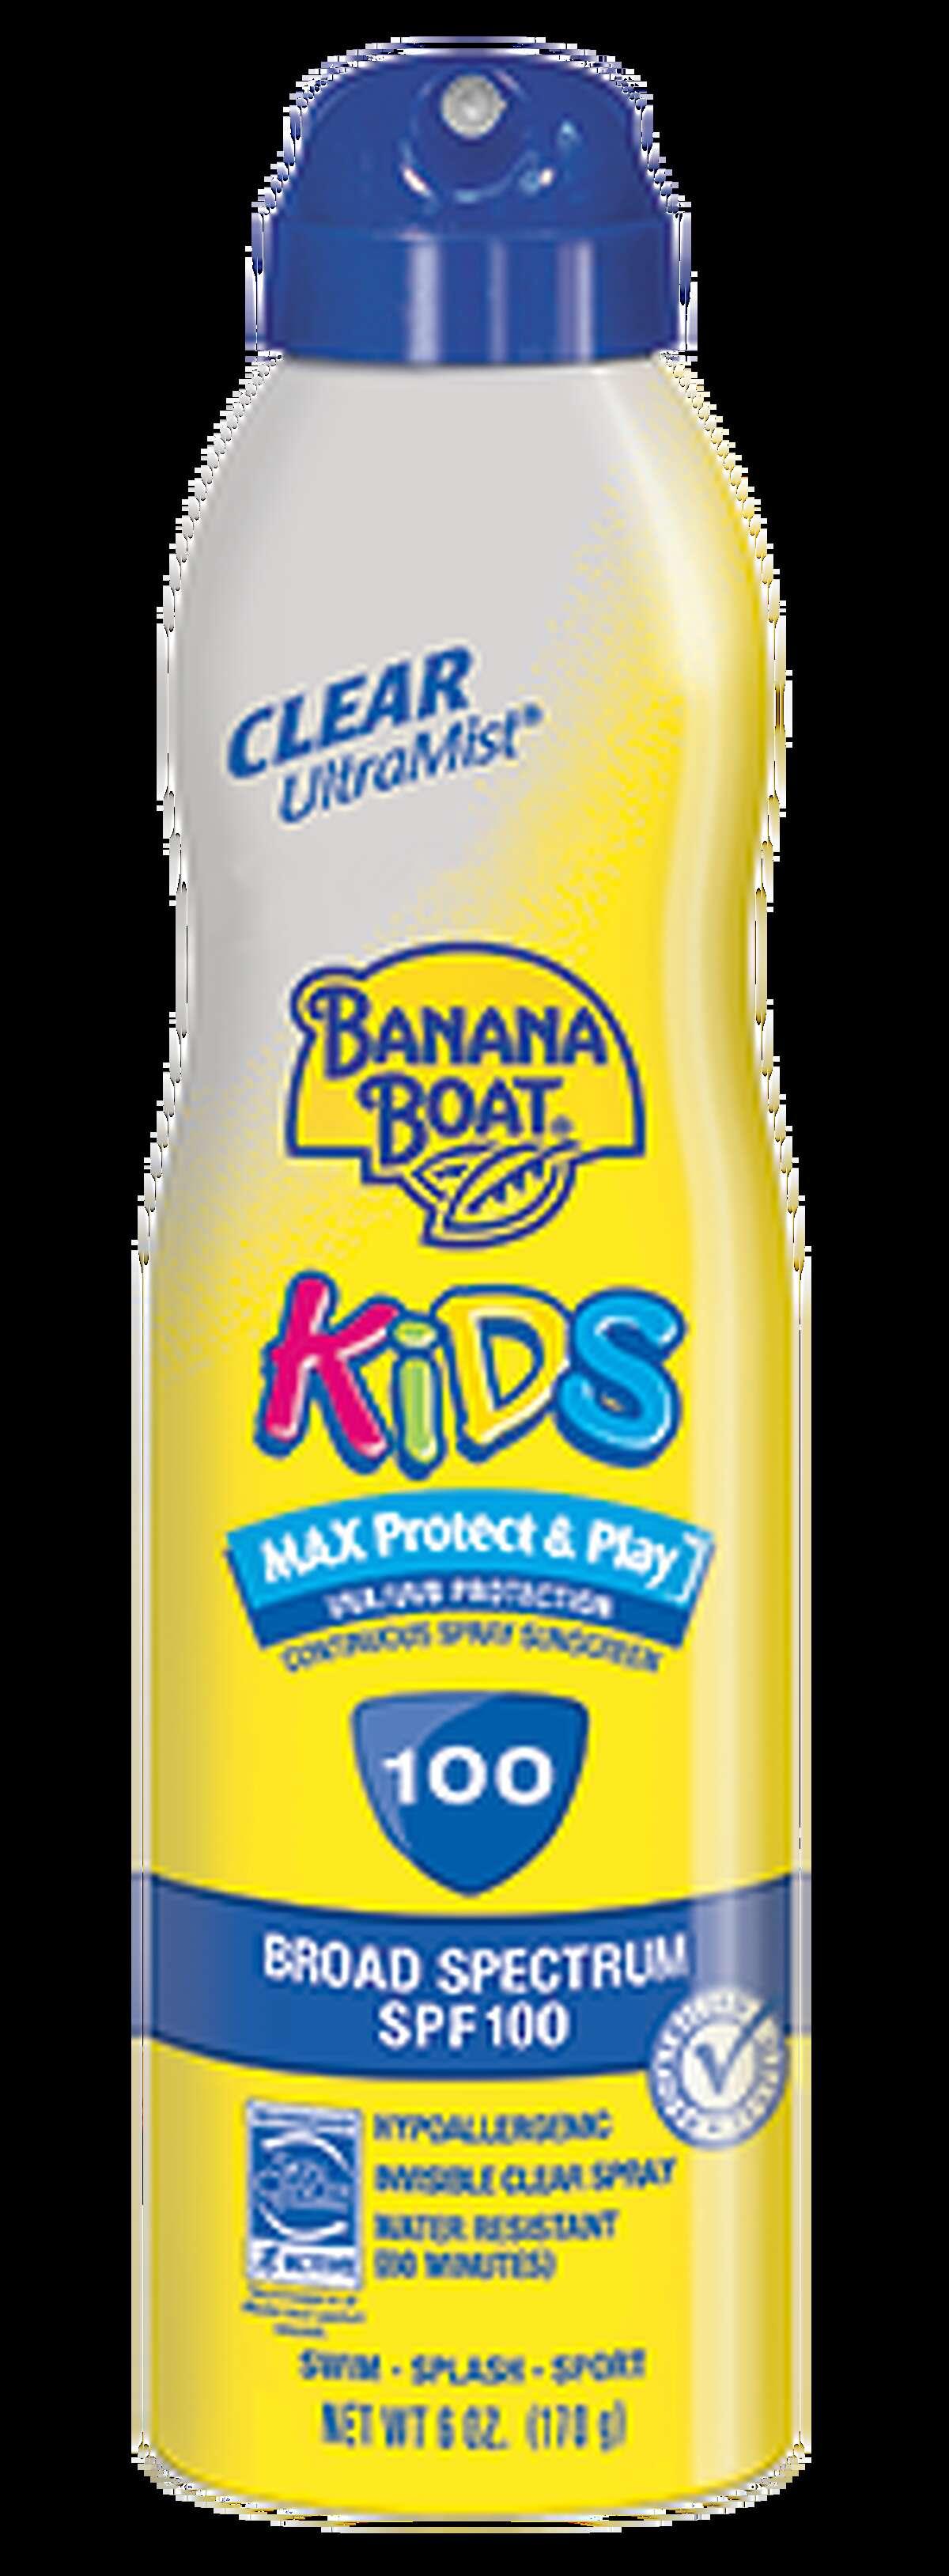 Banana Boat Kids Continuous Spray Sunscreen, SPF 100Source: Banana Boat